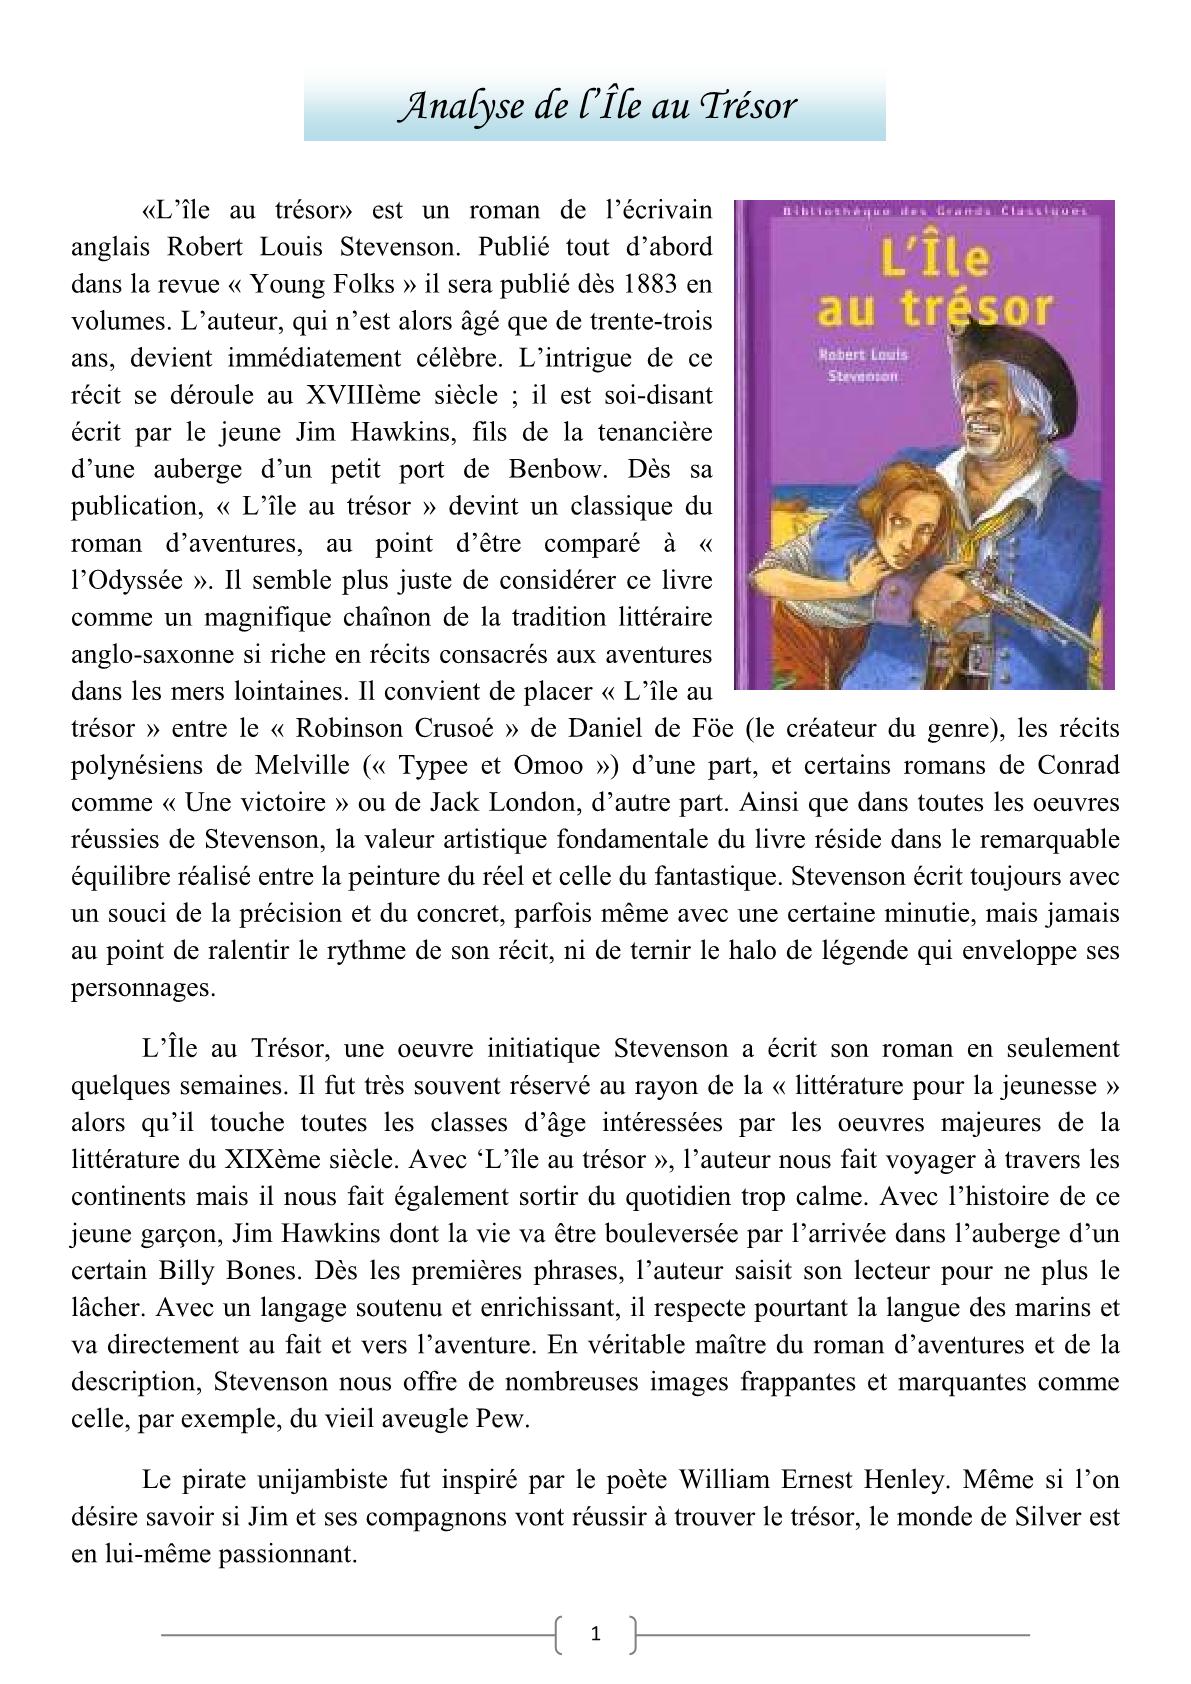 درس Analyse de l'Île au Trésor بمادة اللغة الفرنسية